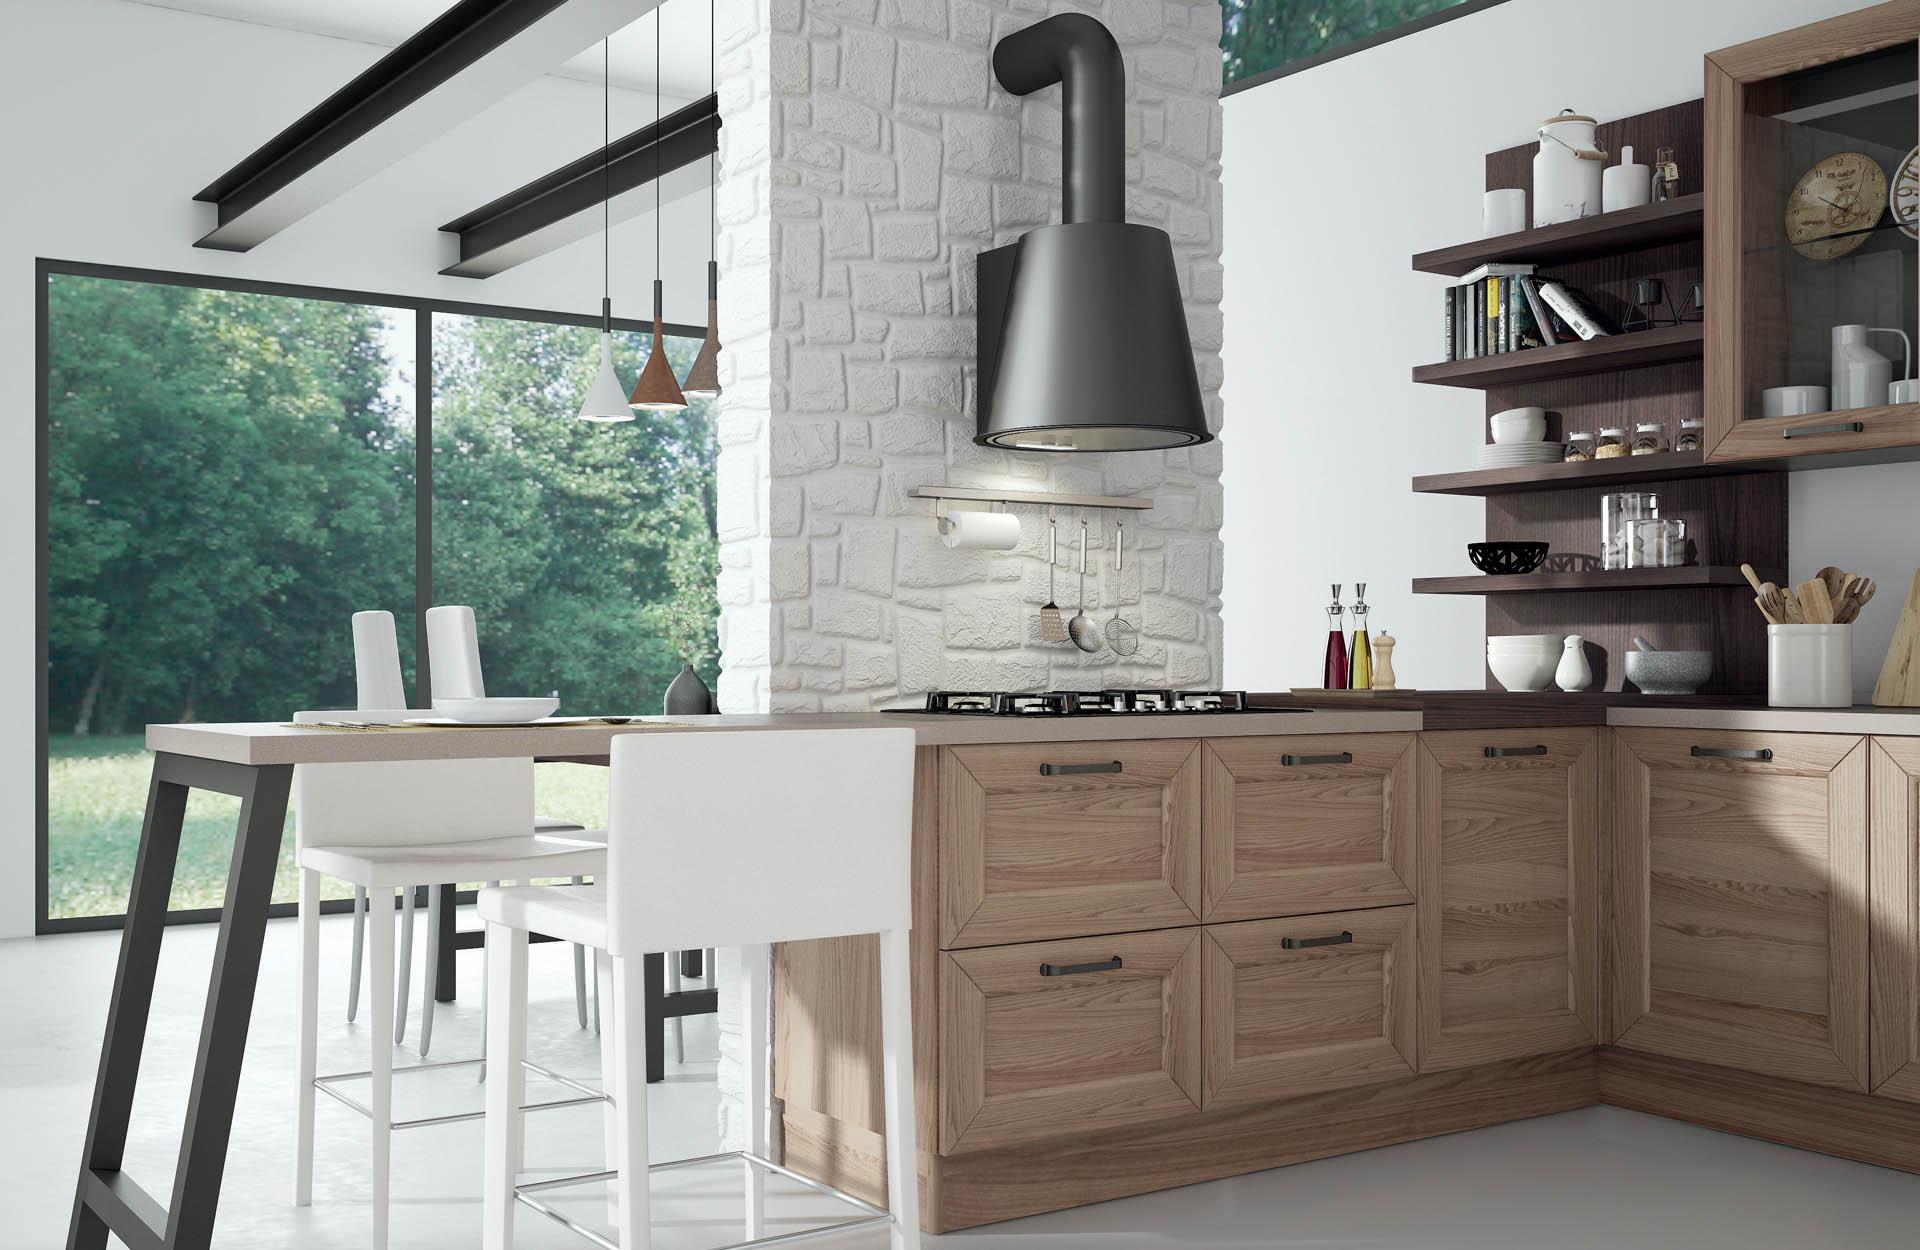 legno materiale cucina sanasi cucine cucina contemporanea collezione divina san pancrazio salentino lecce dubai brindisi